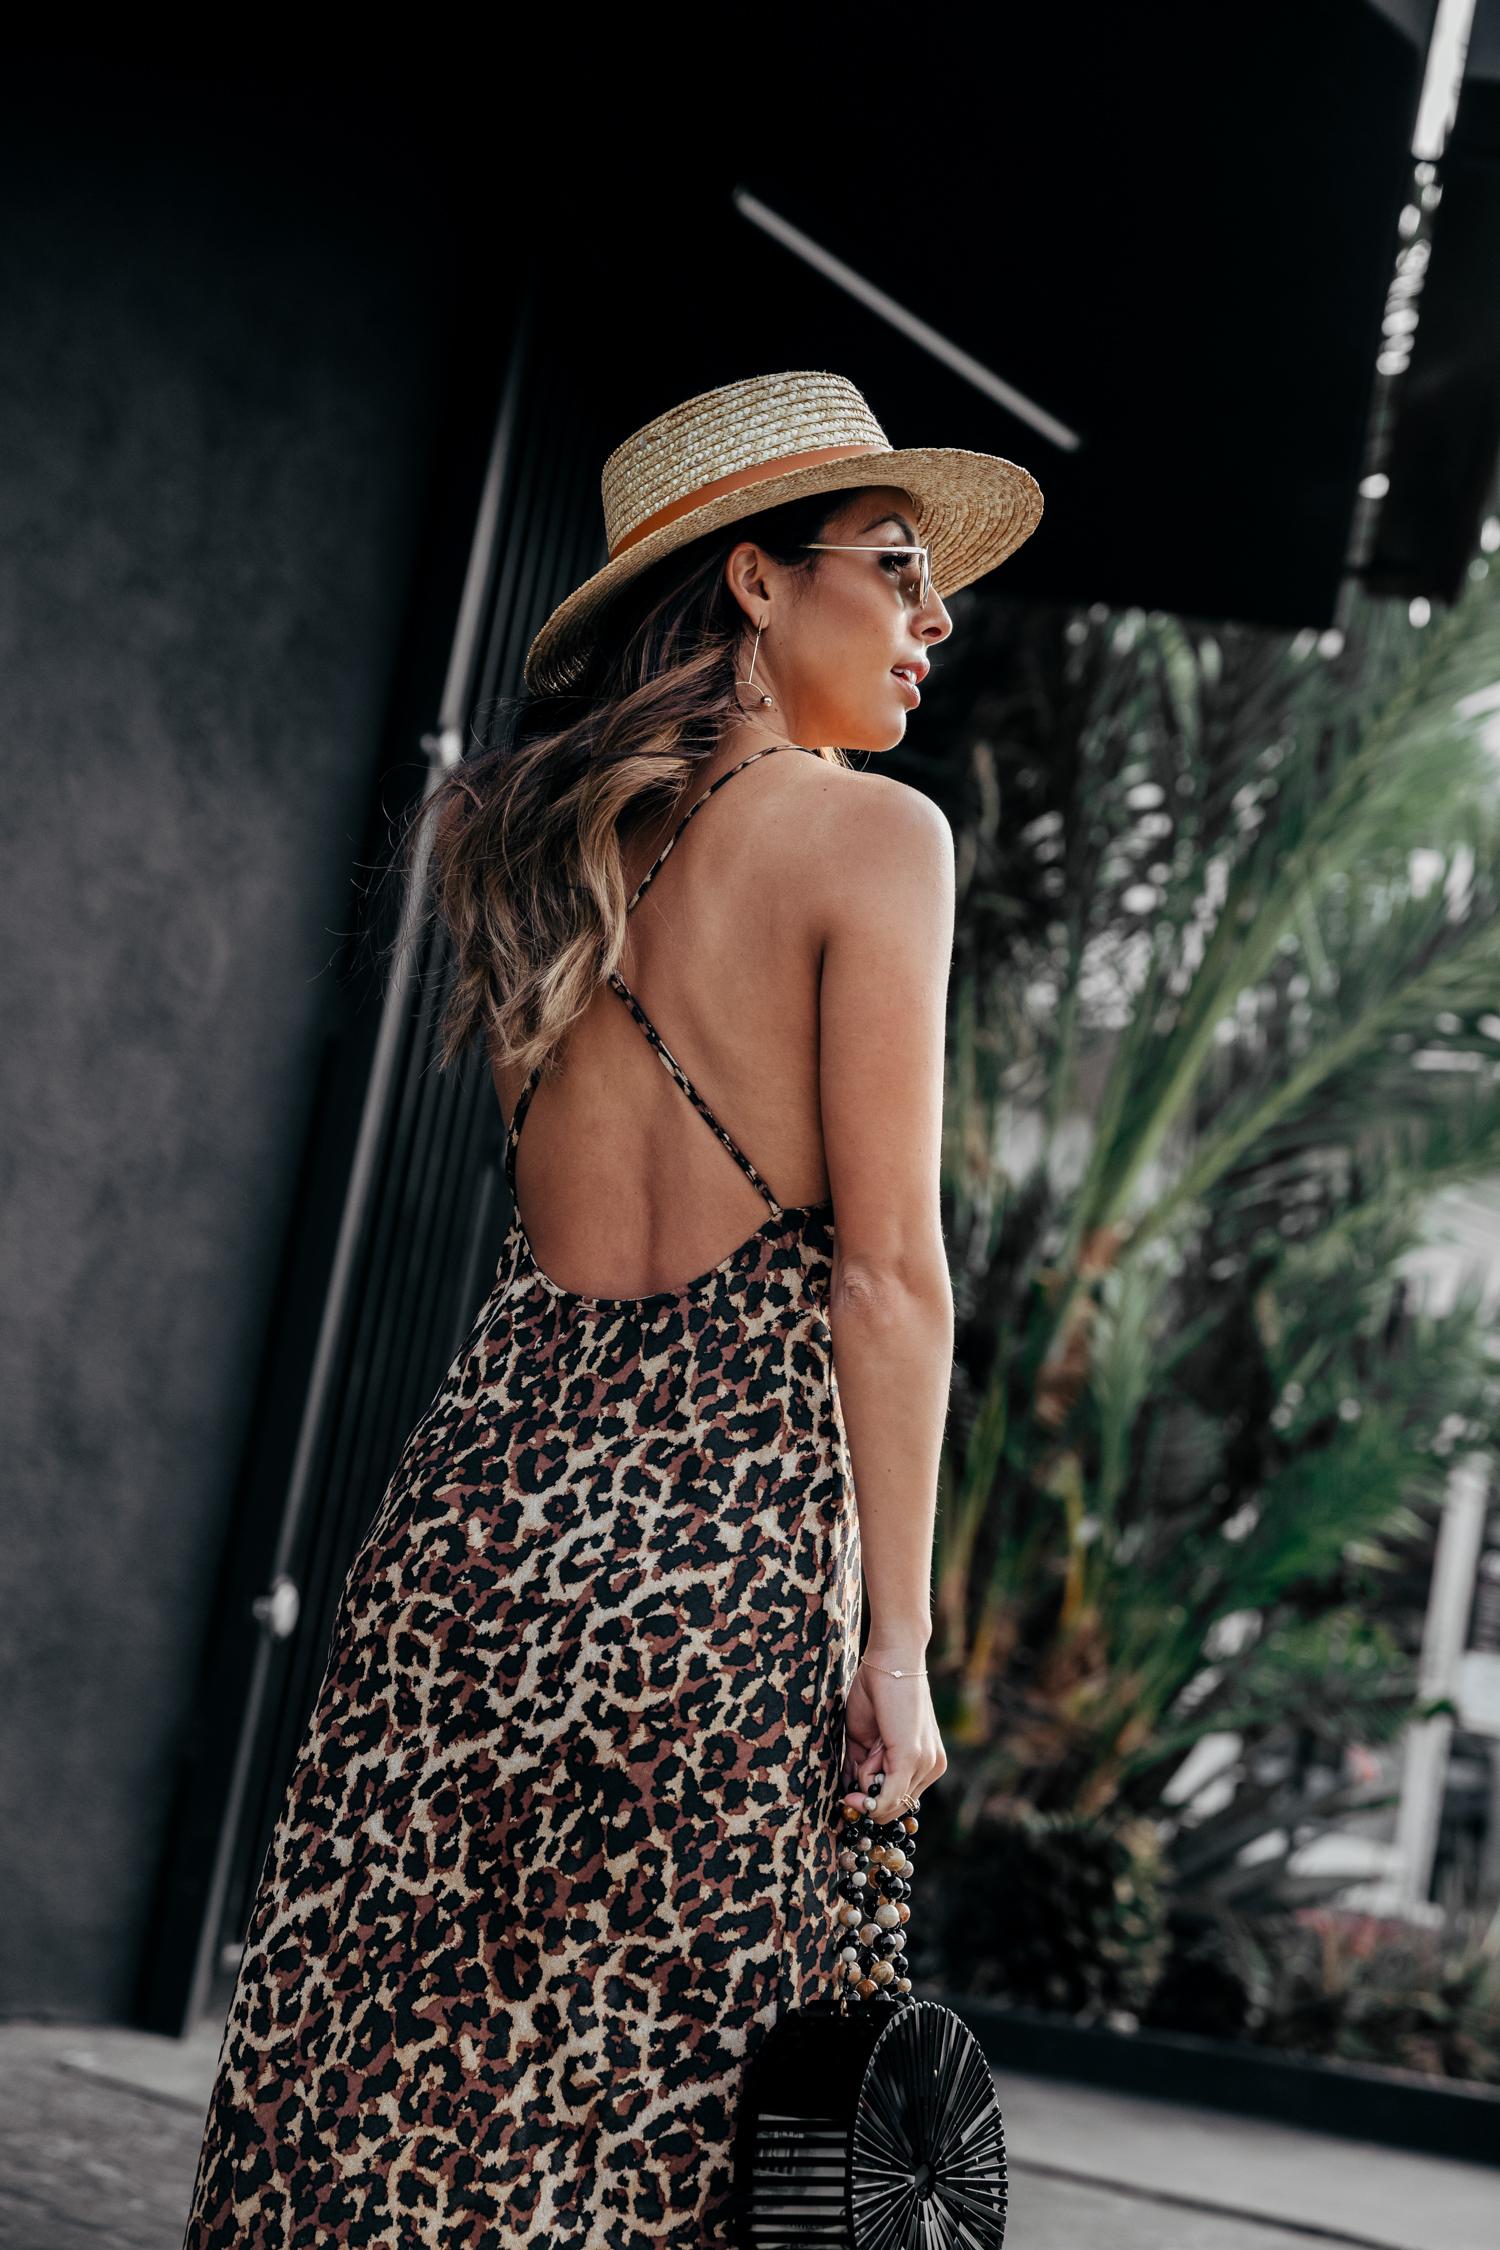 Leopard Slip Dress from Endless Summer